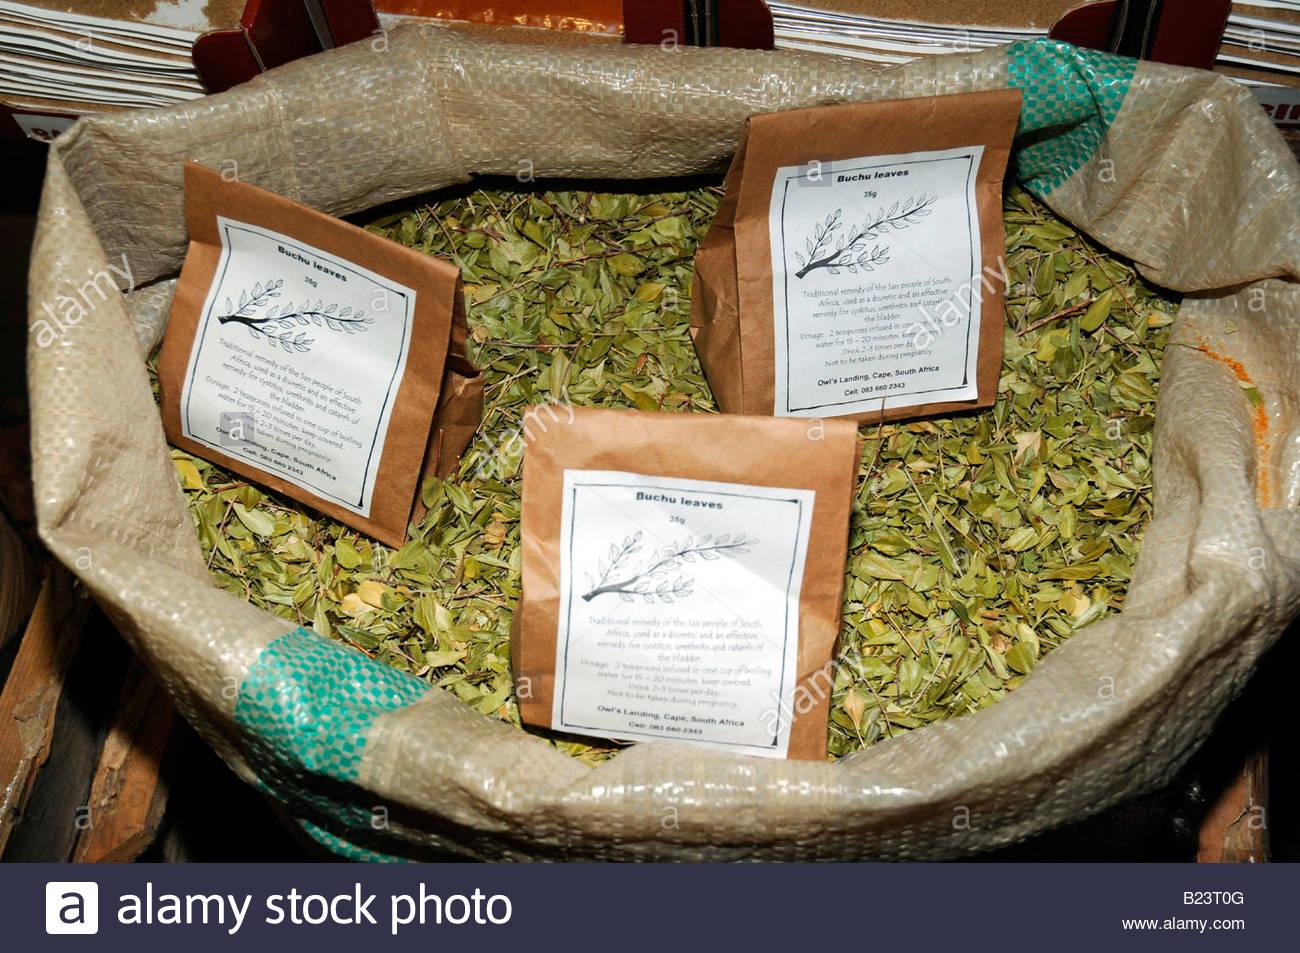 南非药用植物2:BUCHU(补护)保健茶 - 六一儿童 - 译海拾蚌